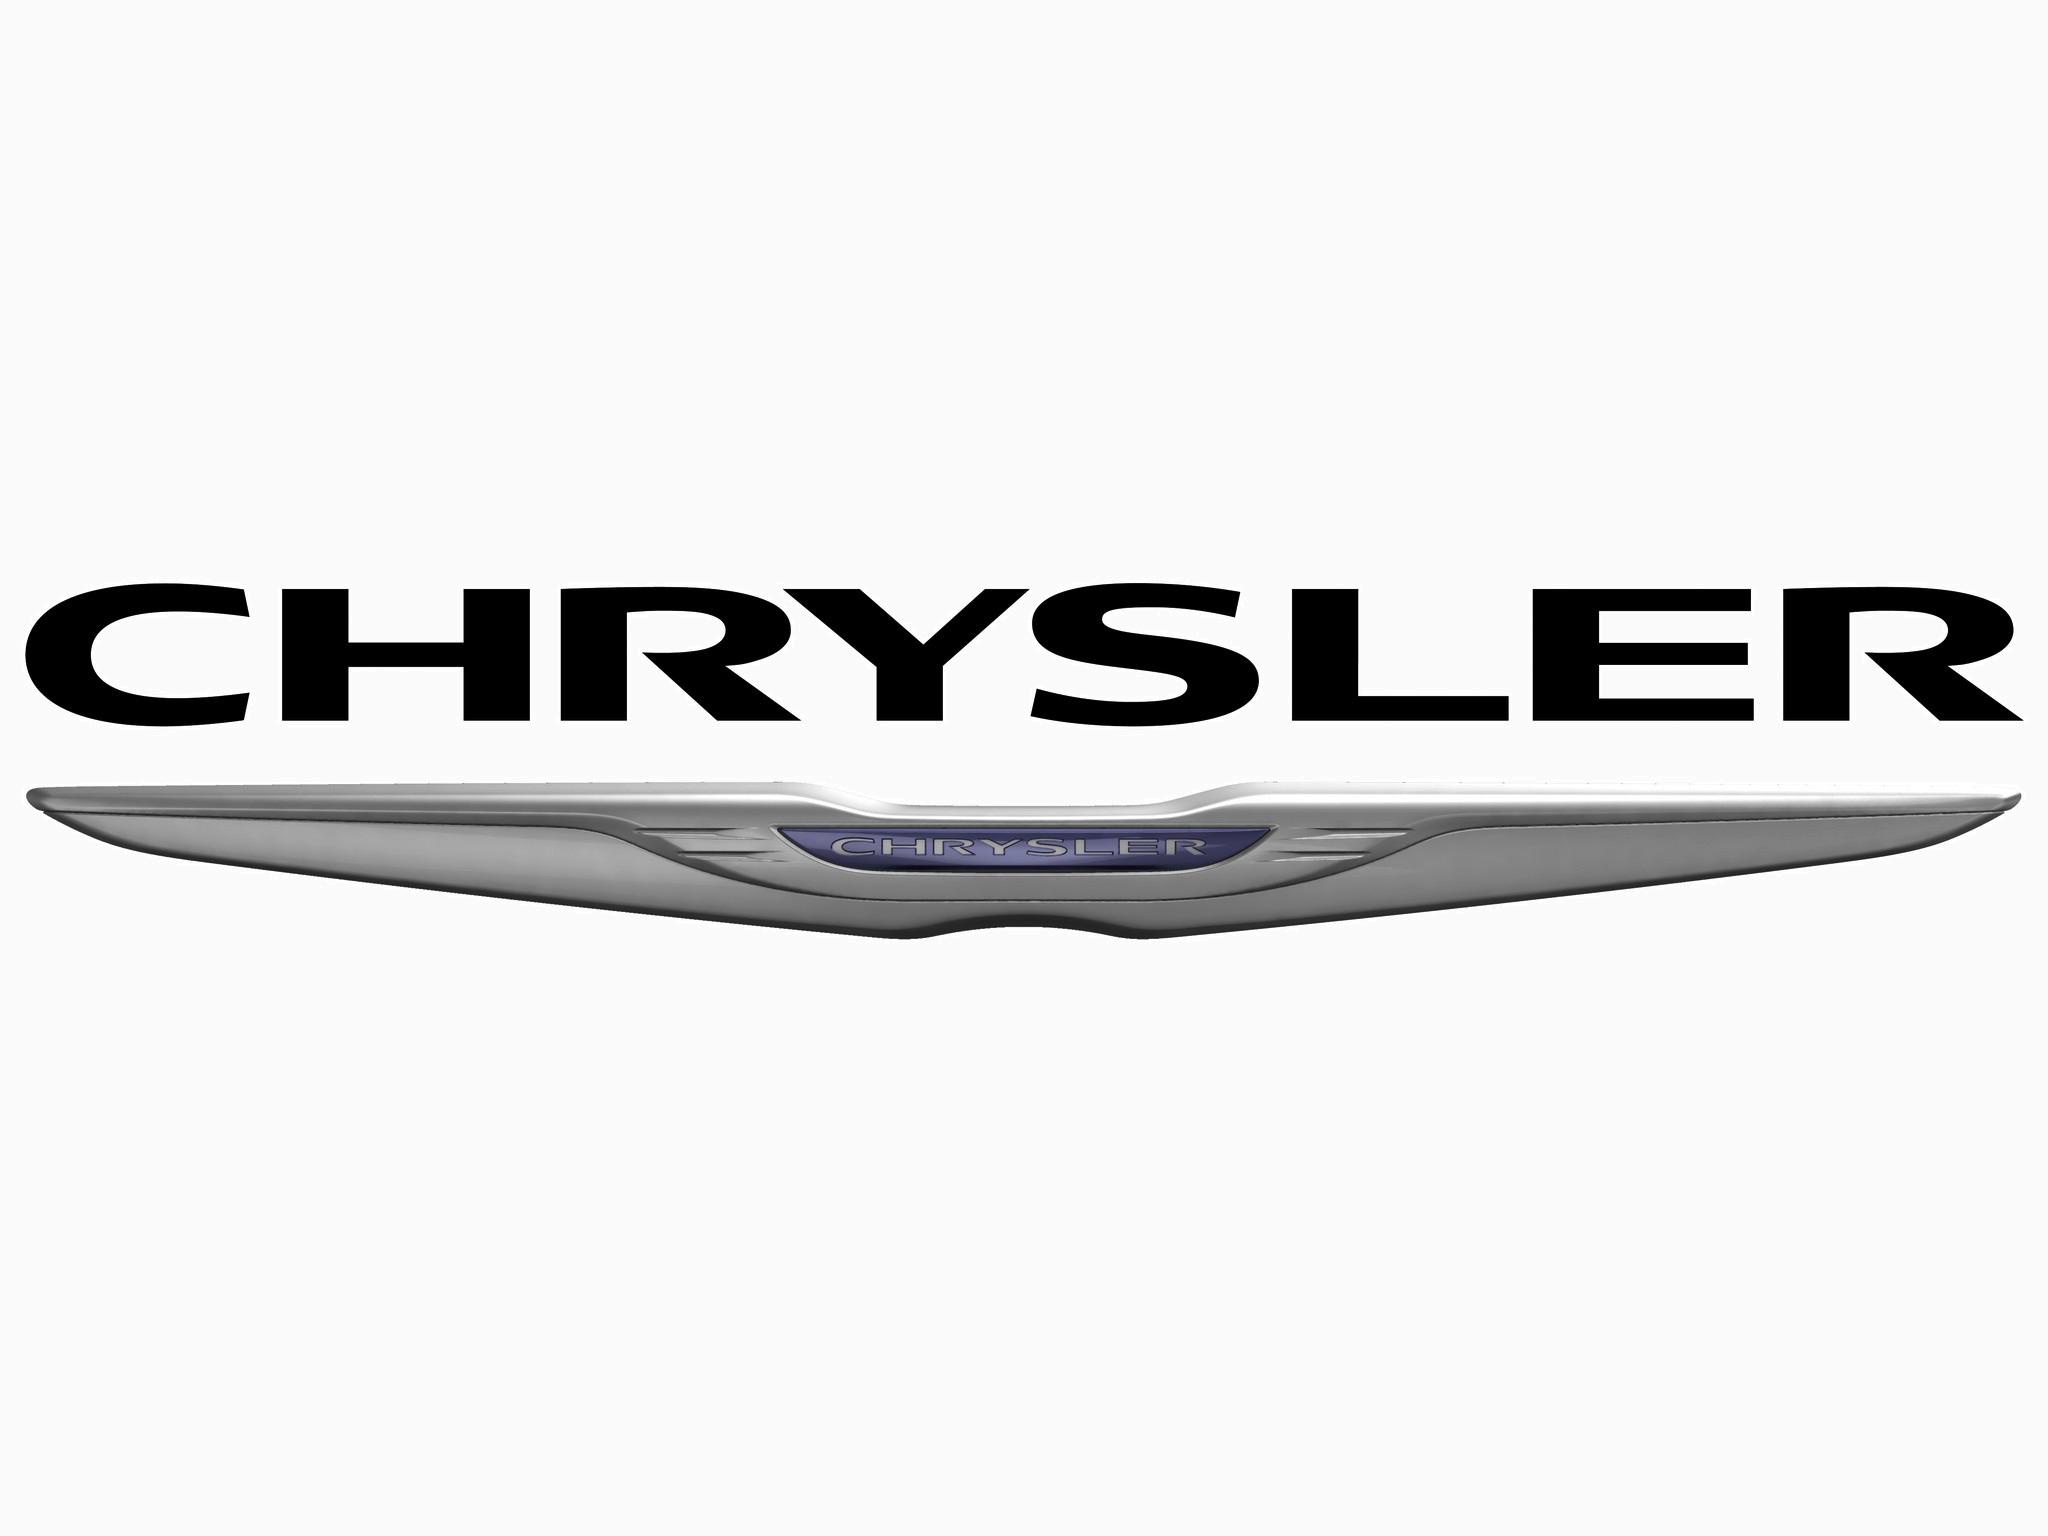 Chrysler-emblem.jpg